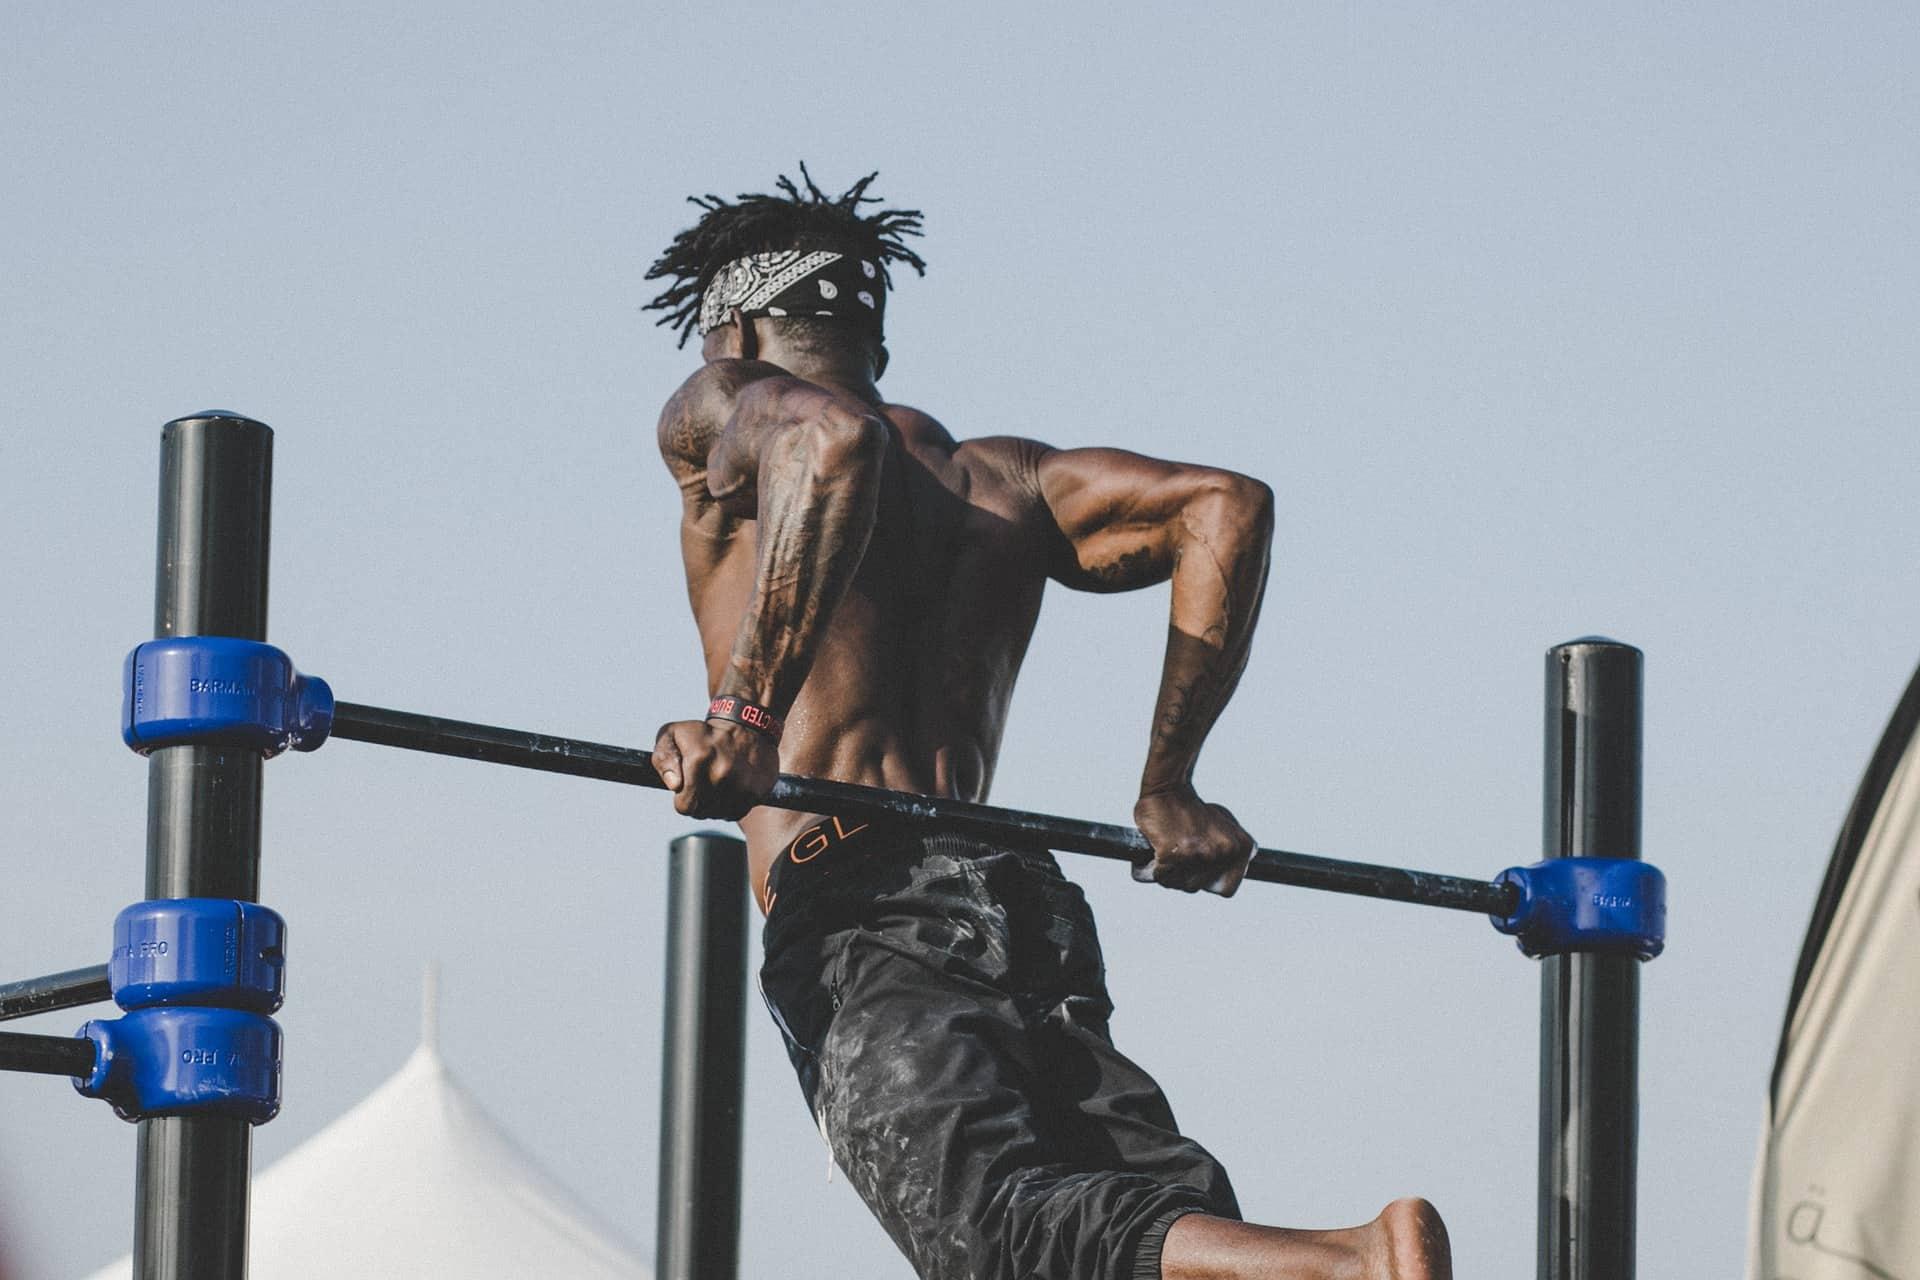 Homem musculoso e sem camisa de costas levando seu corpo com as mãos em uma barra.